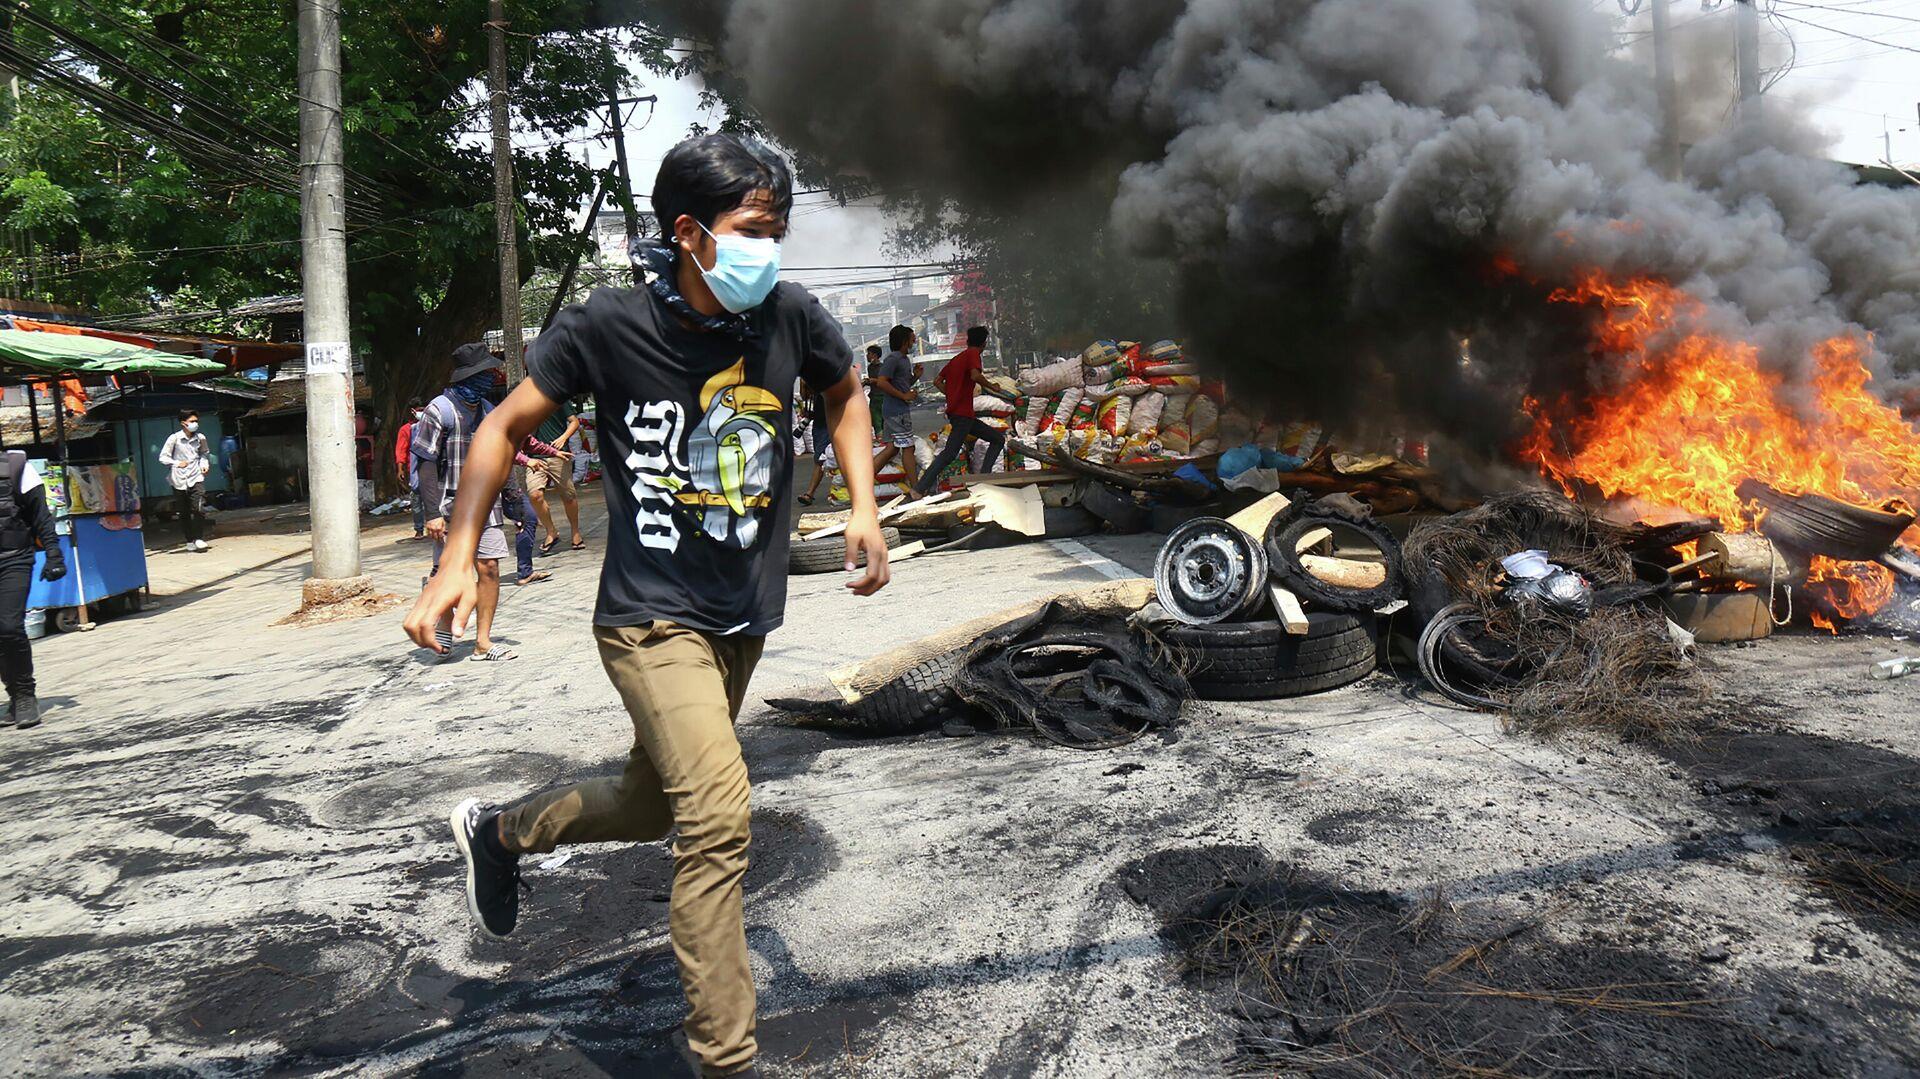 Участники акции протеста против военного переворота сжигают баррикады в Янгоне, Мьянма - РИА Новости, 1920, 05.05.2021